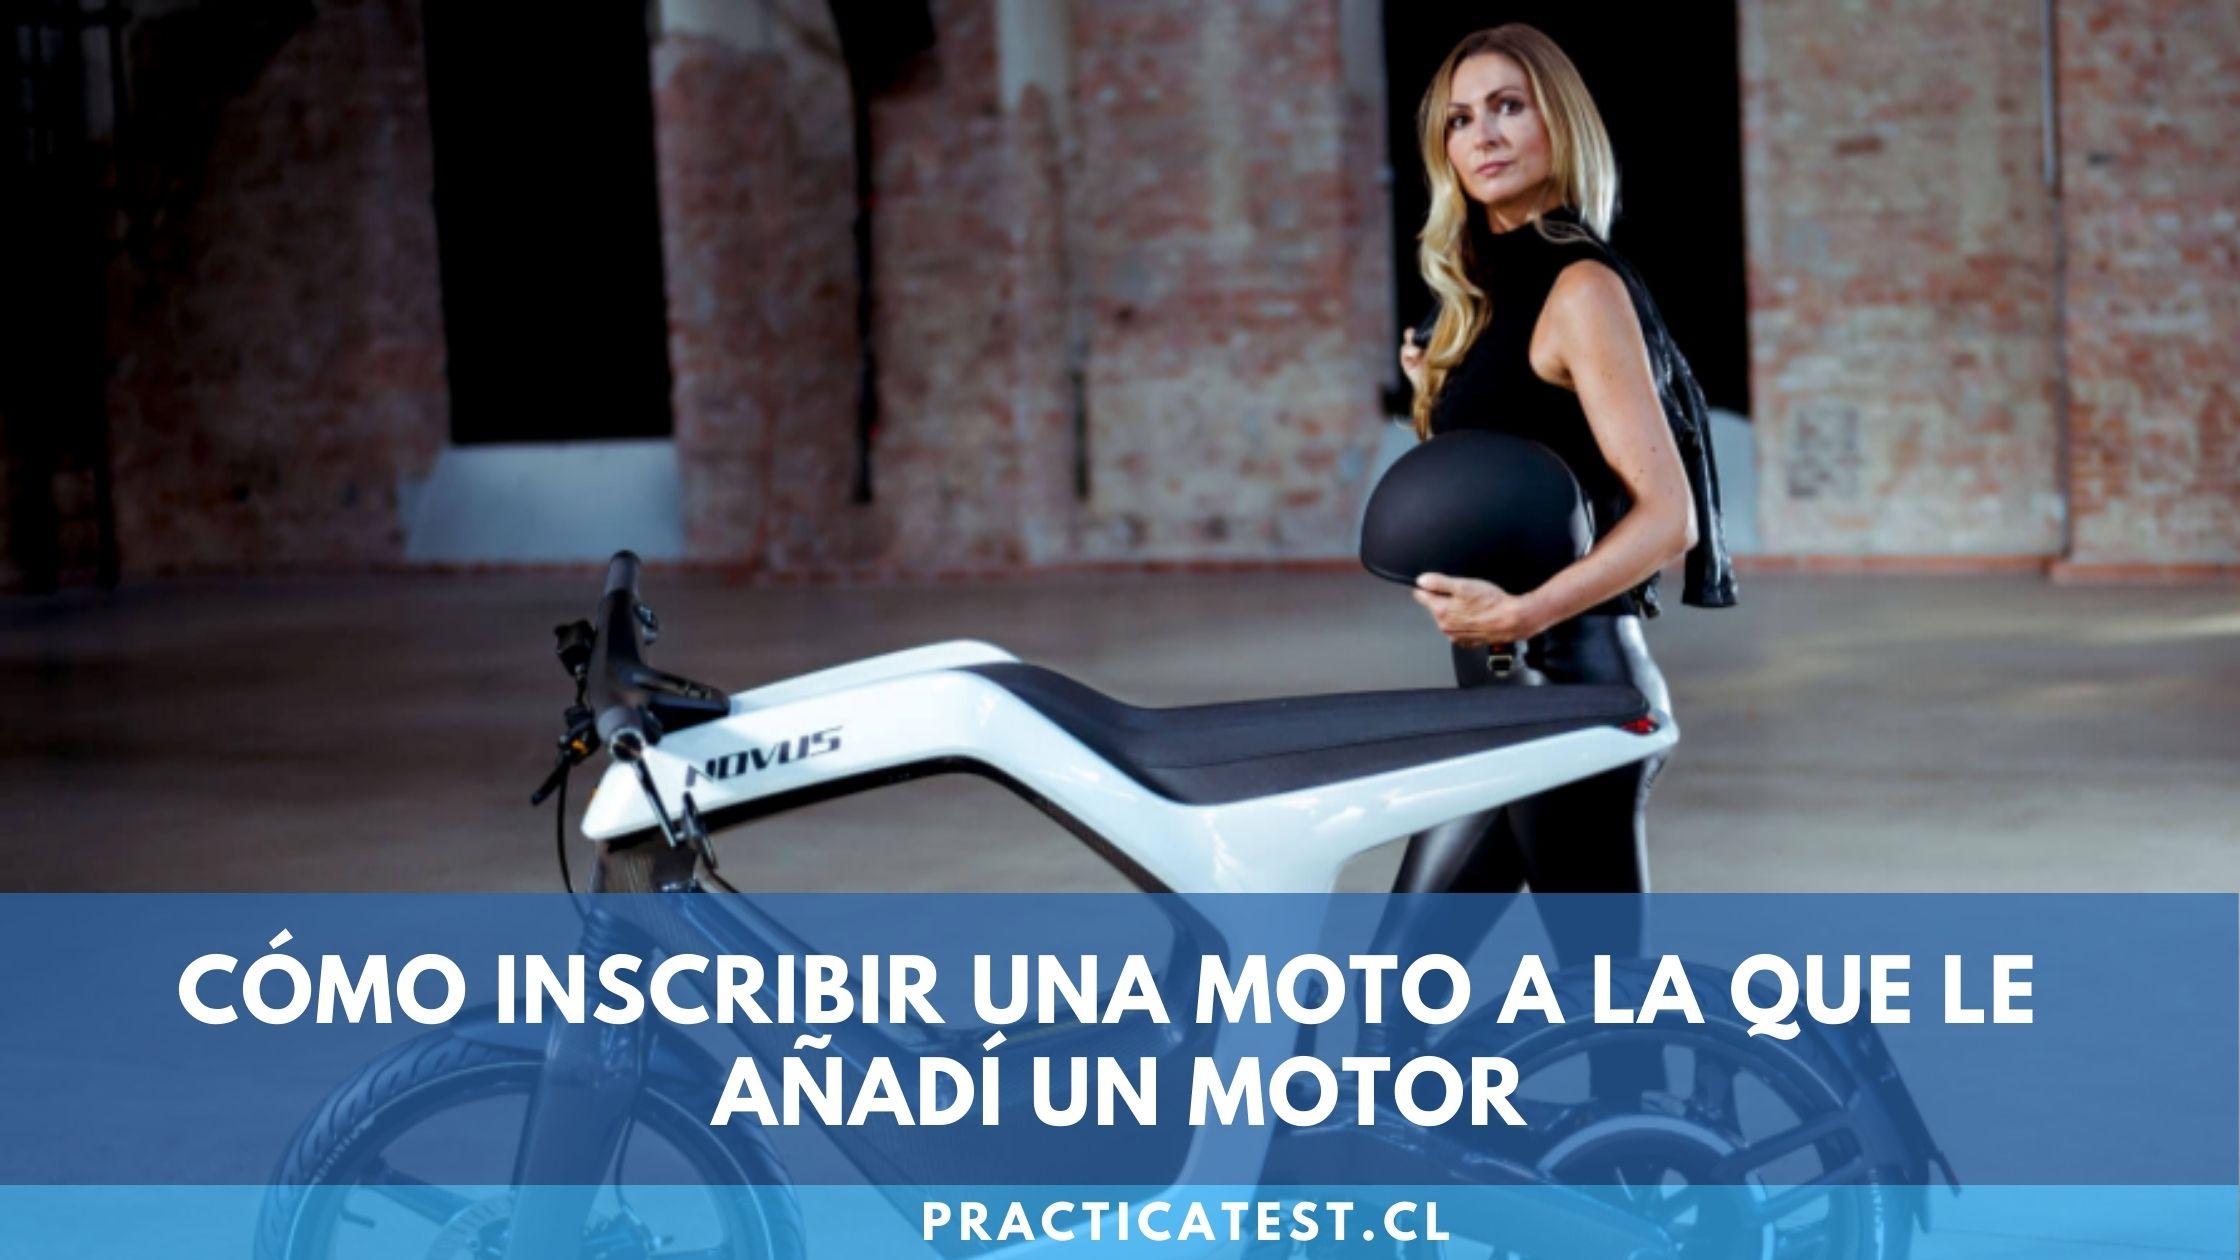 Inscribir en registro de vehículos una moto hechizo con motor nuevo o bicicleta